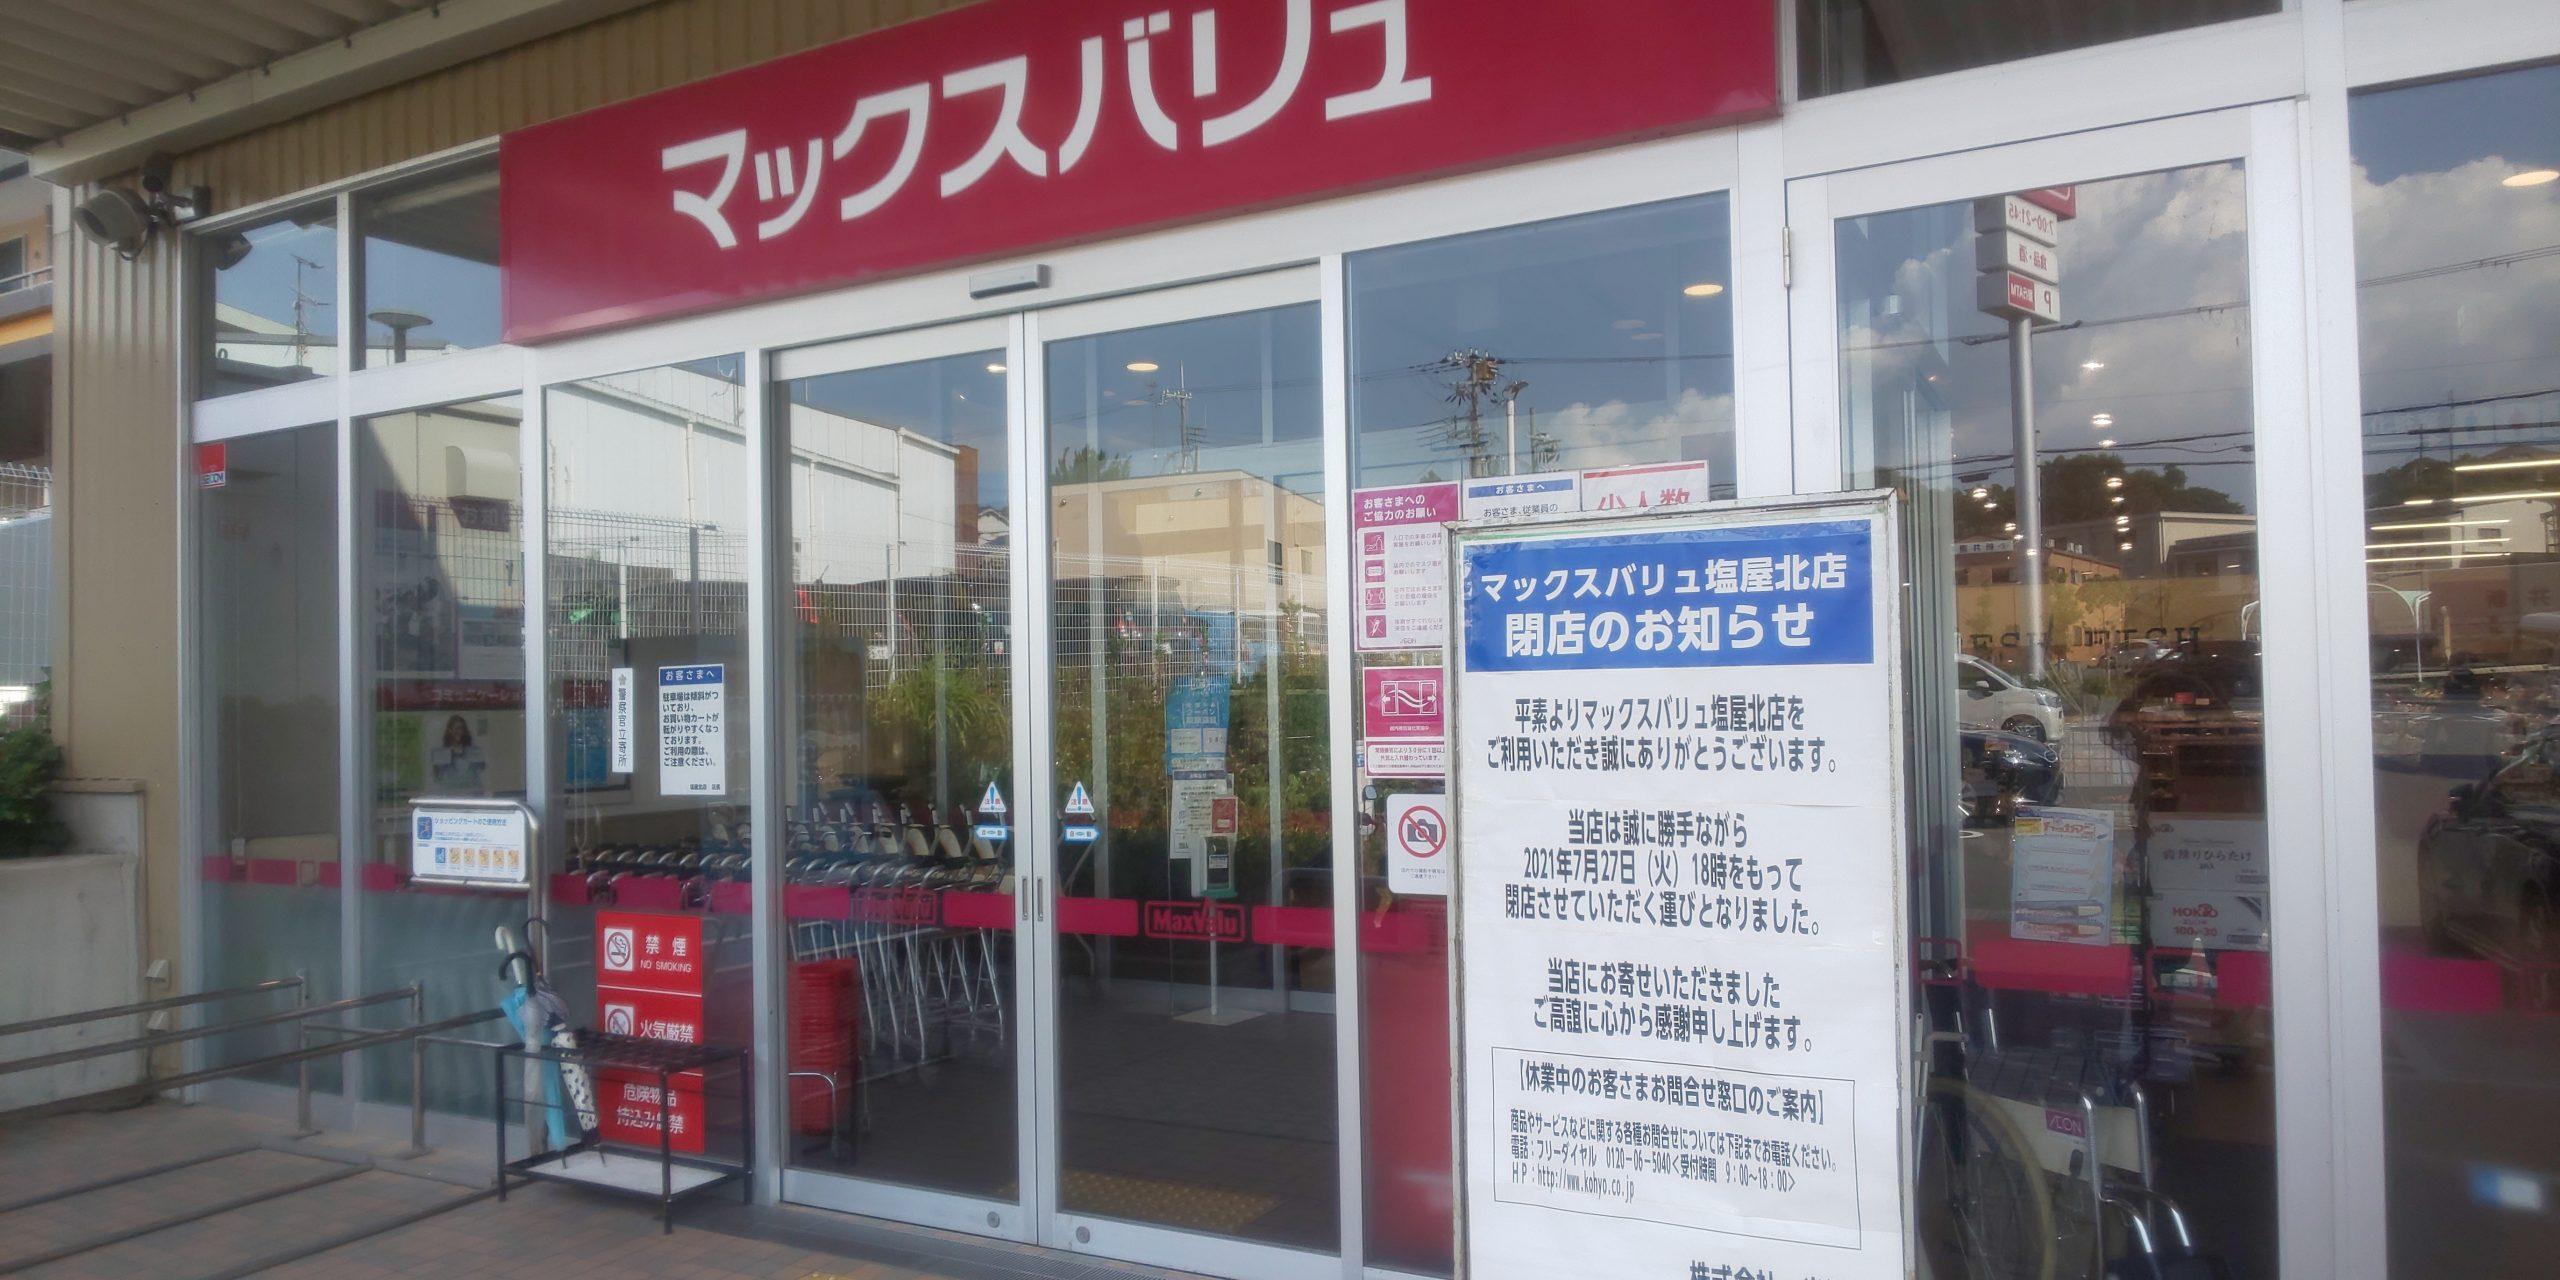 もうすぐ閉店のマックスバリュ塩屋北店に行きました。